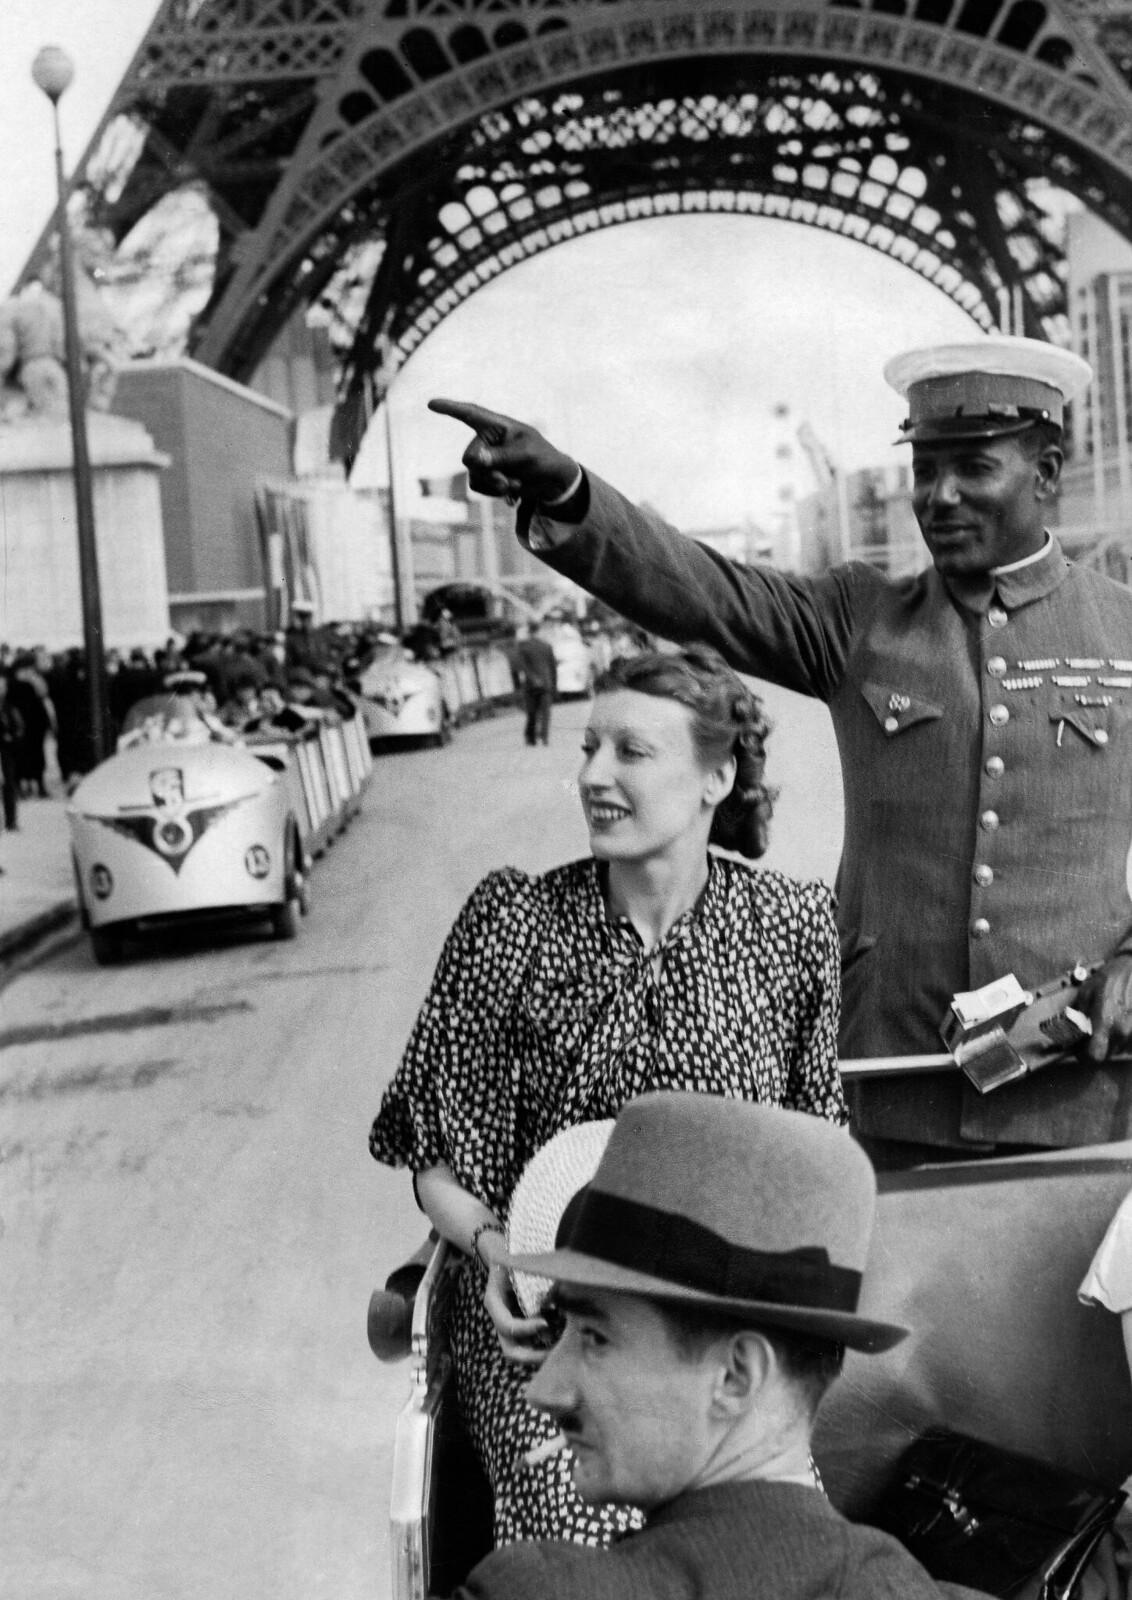 12. 1937. Экскурсия на туристическом поезде, на заднем плане Эйфелева башня